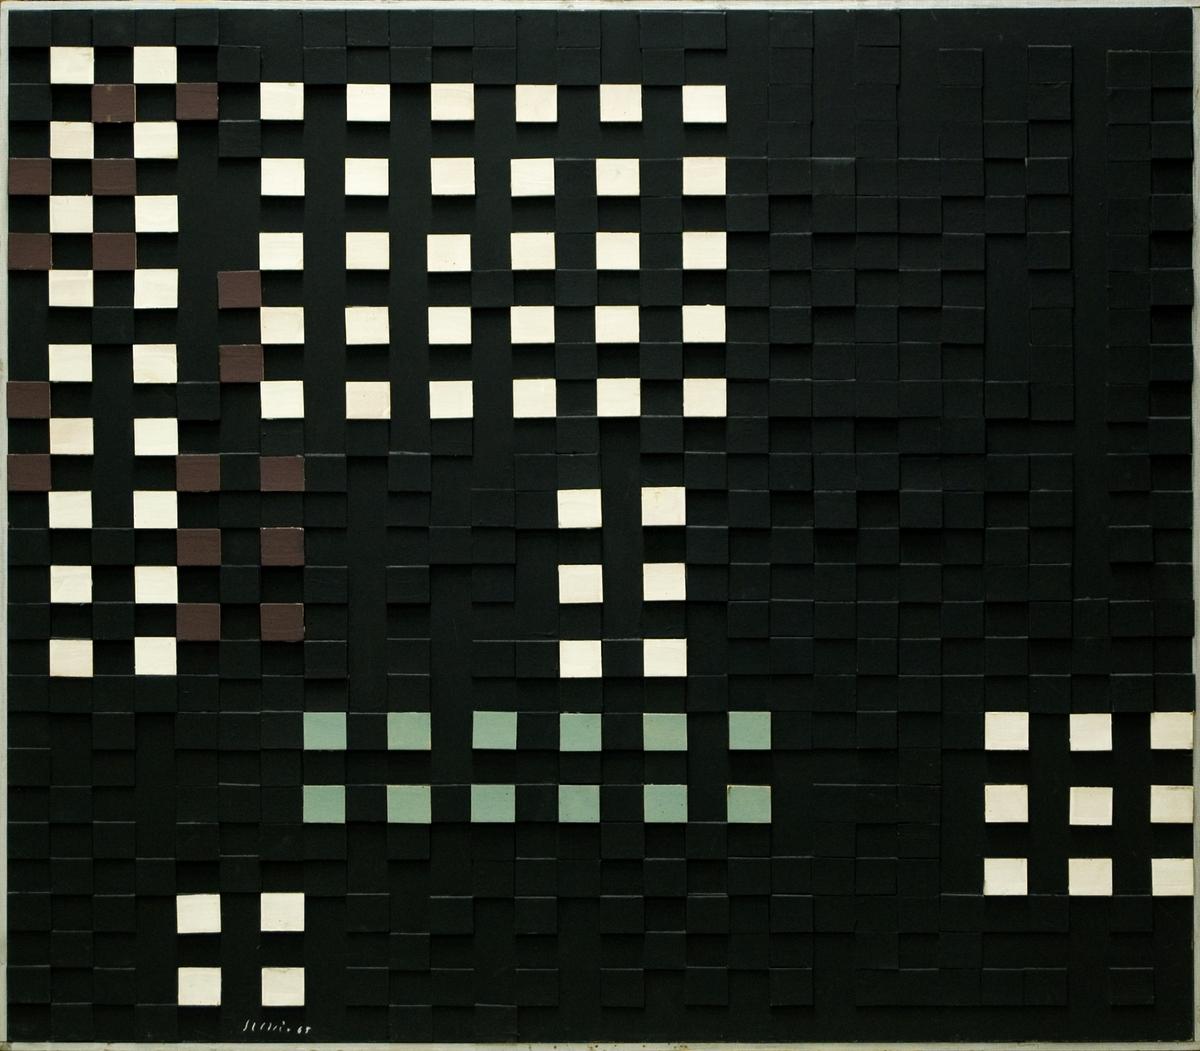 """Målning på pannå, """"Ljusrum 1"""" av Juho Suni. På pannå har klistrats kvadratiska pappbitar som målats i svart, vitt, grönt och brunt. Silverfärgad kantlist. (Kat.kort)"""